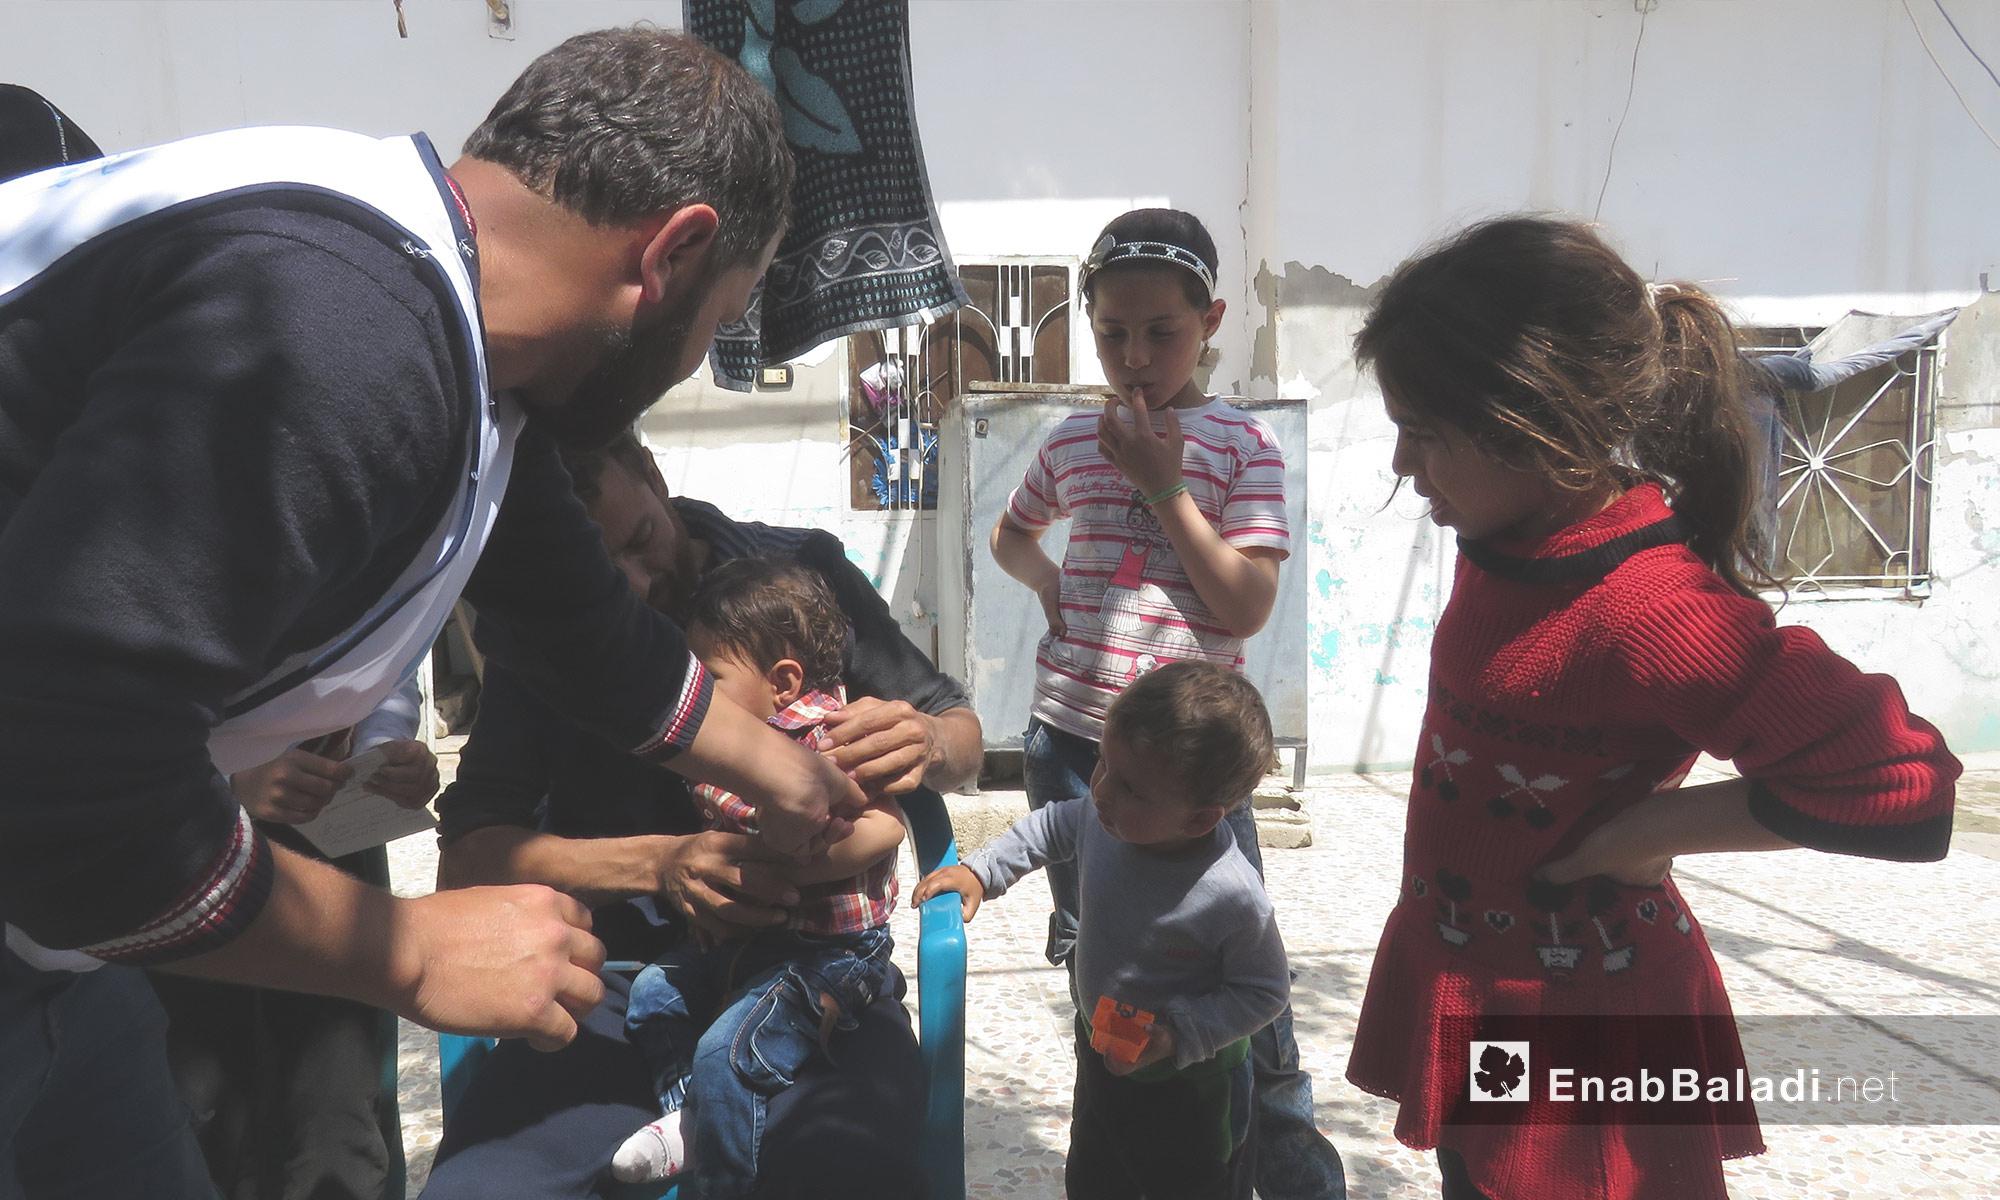 تلقيح طفل ضد الحصبة  في ريف حماة - 14 من نيسان 2018 (عنب بلدي)